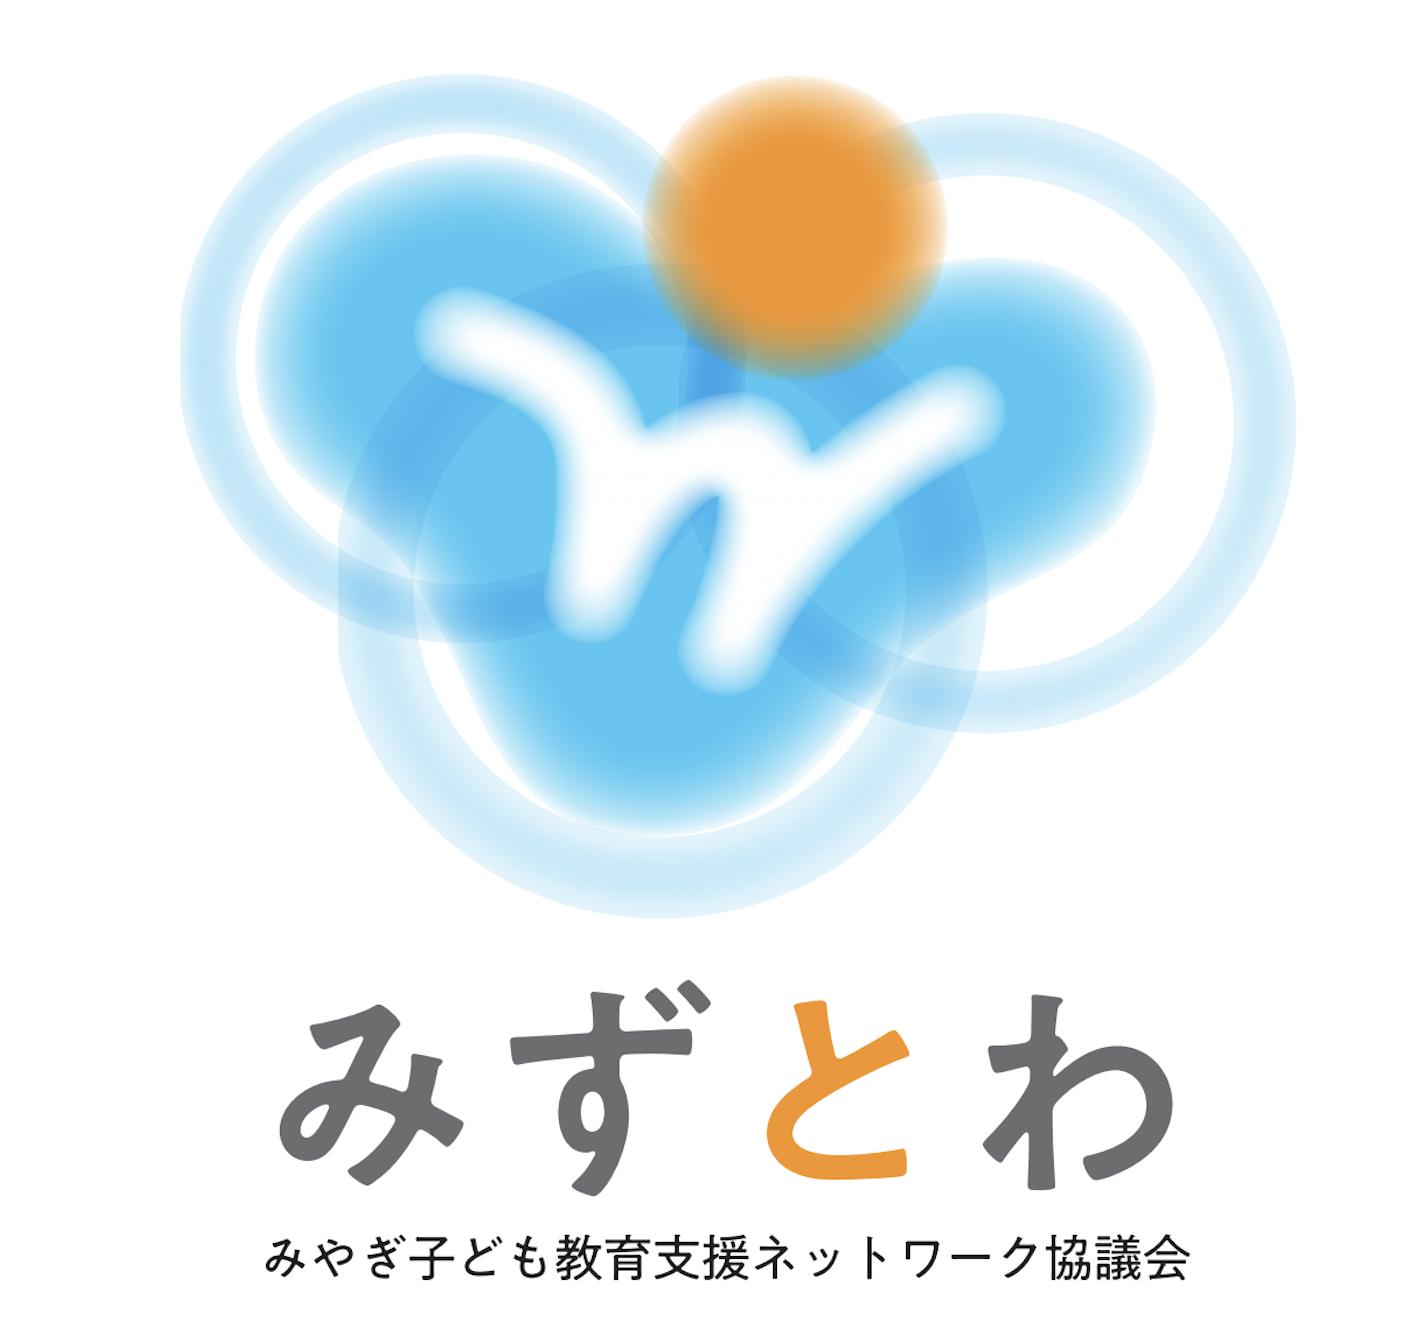 スクリーンショット 2021-02-12 0.30.41